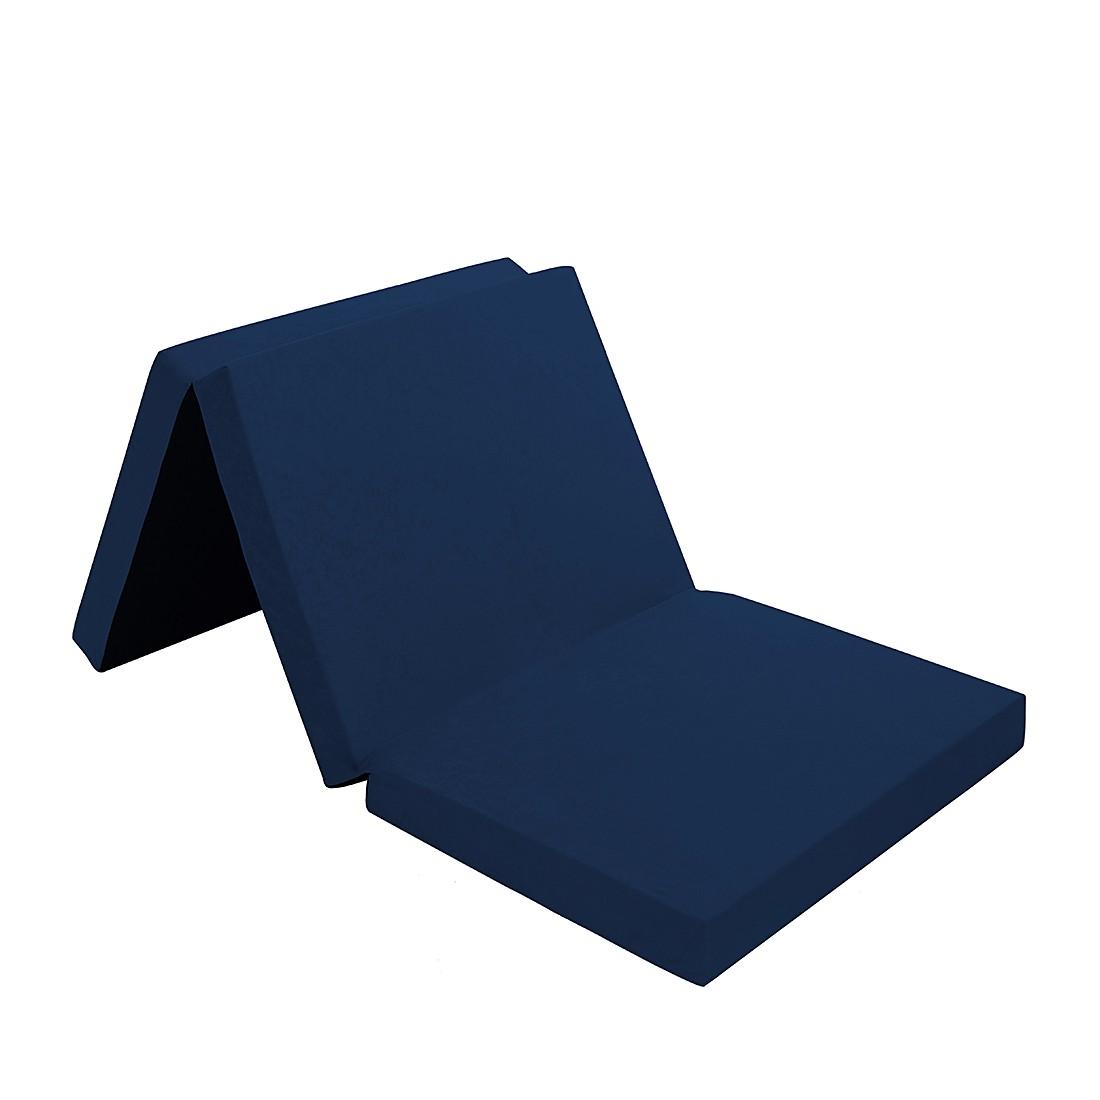 Klappmatratze 190 cm aus Schaumstoff inkl. Tragetasche – Blau, Amstyle günstig bestellen